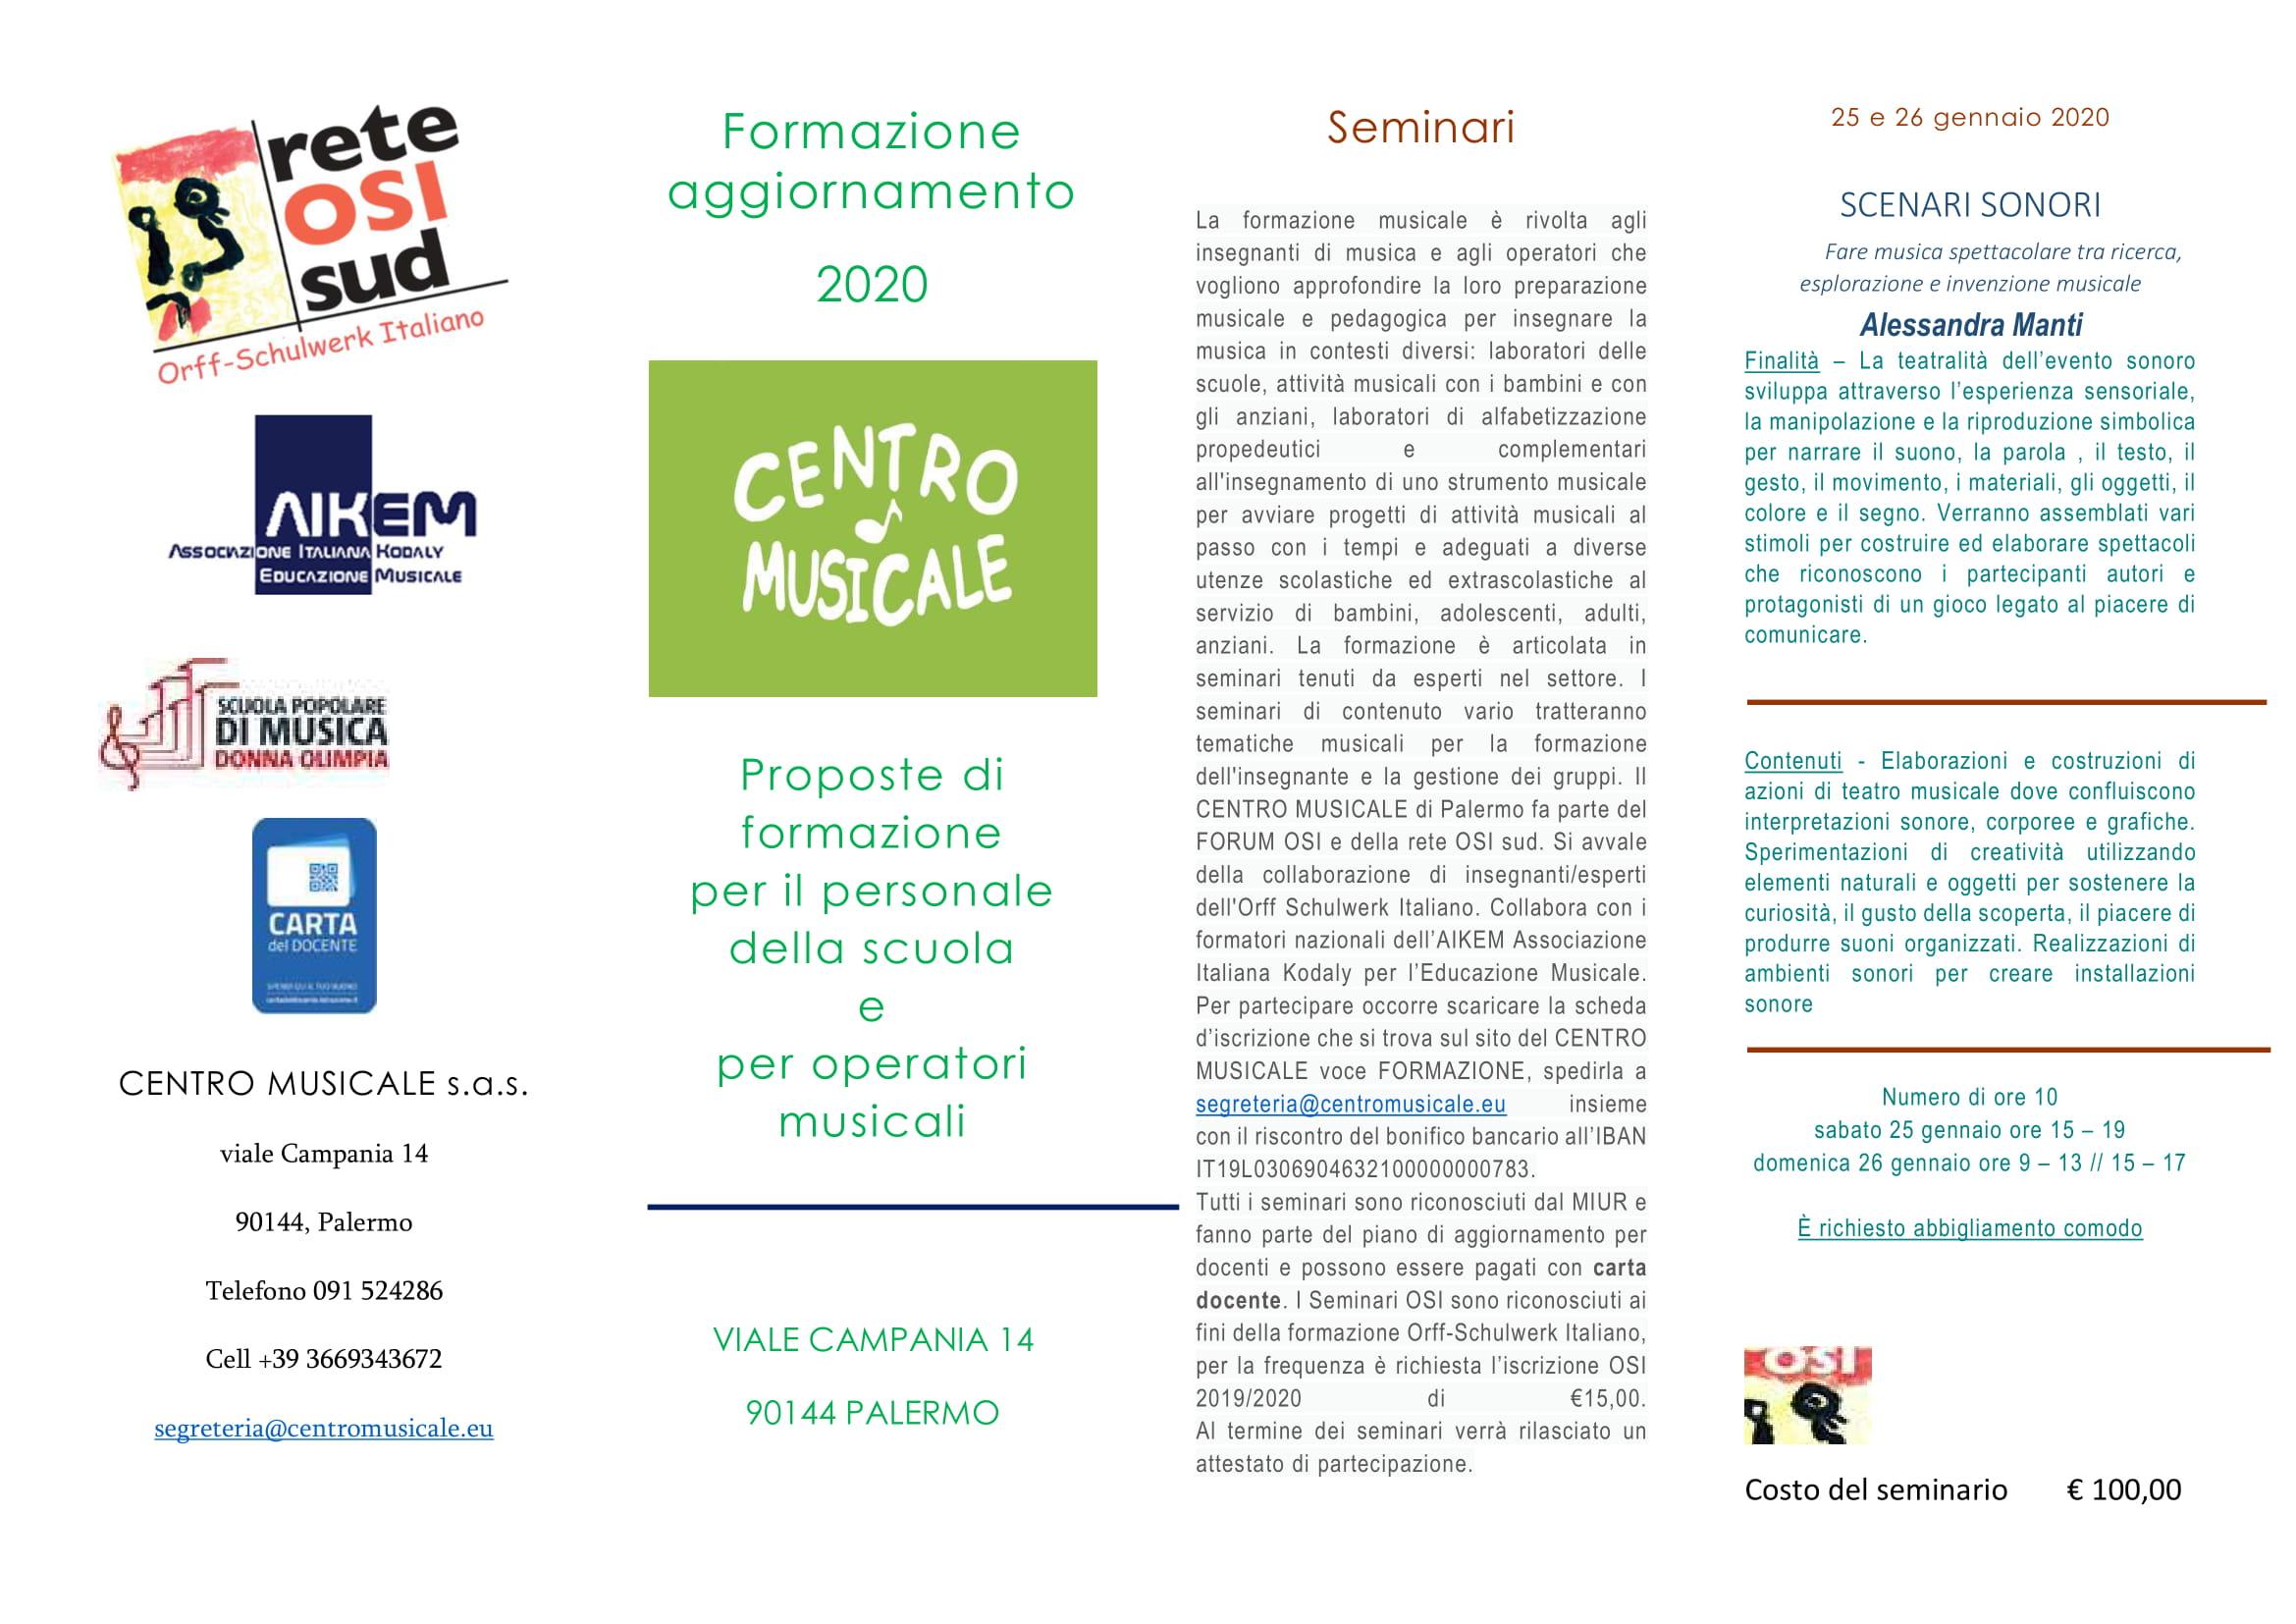 brochure formazione 2020 pdf-1